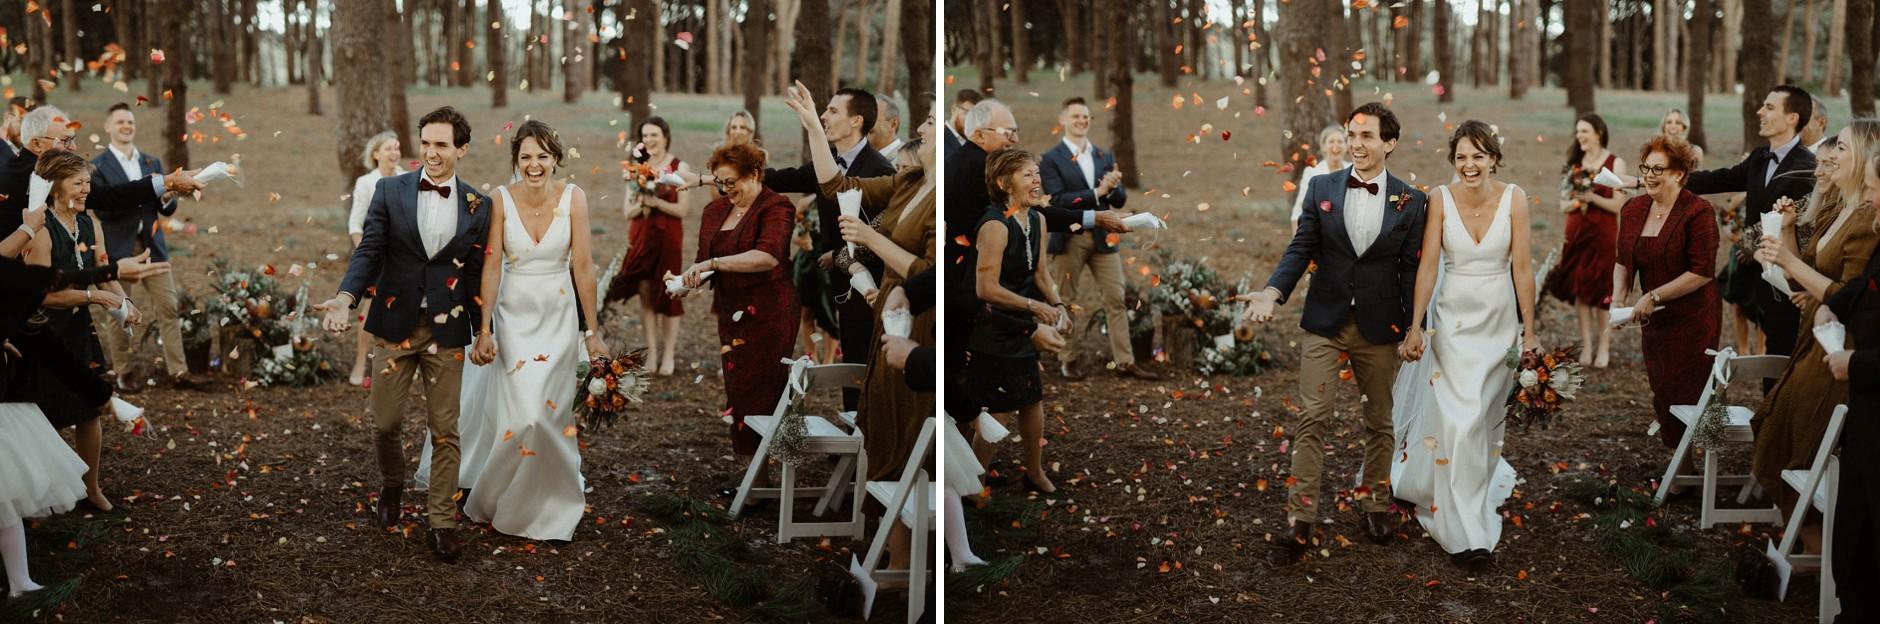 Sydney-Wedding-Photographer-kath&ross0428_Sydney-Wedding-Photographer.jpg